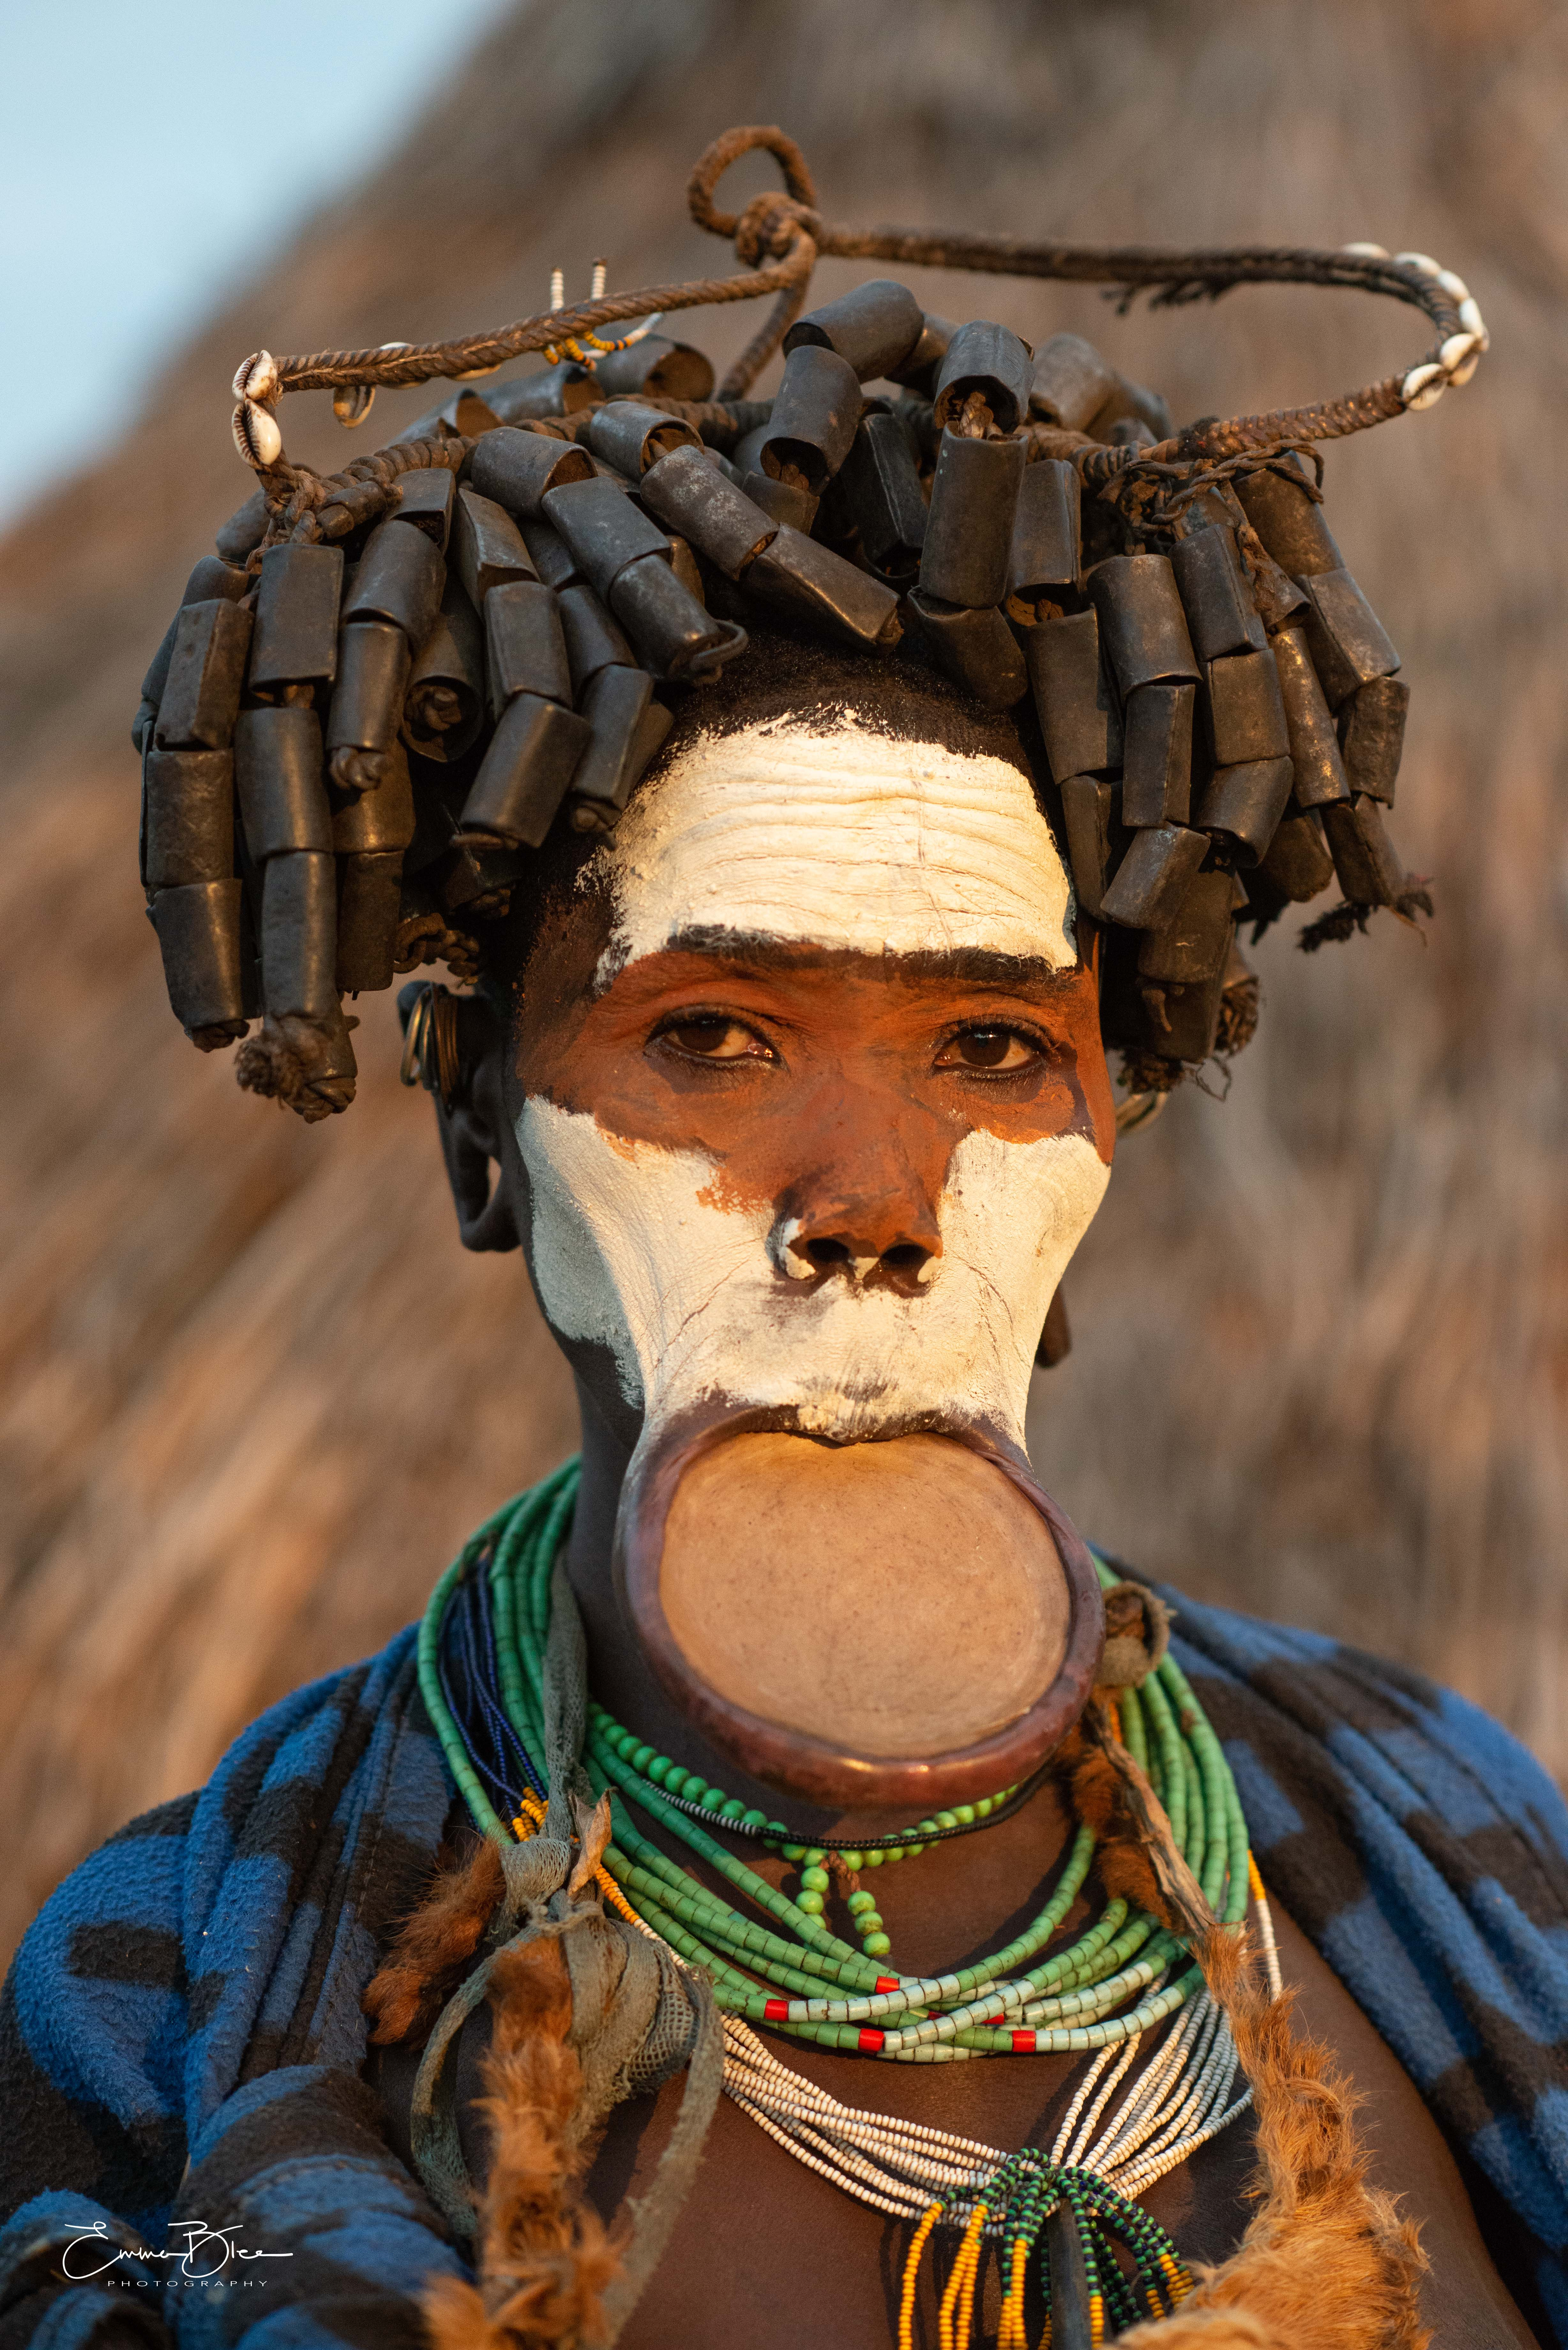 EB_20_01_18_Ethiopia_5152